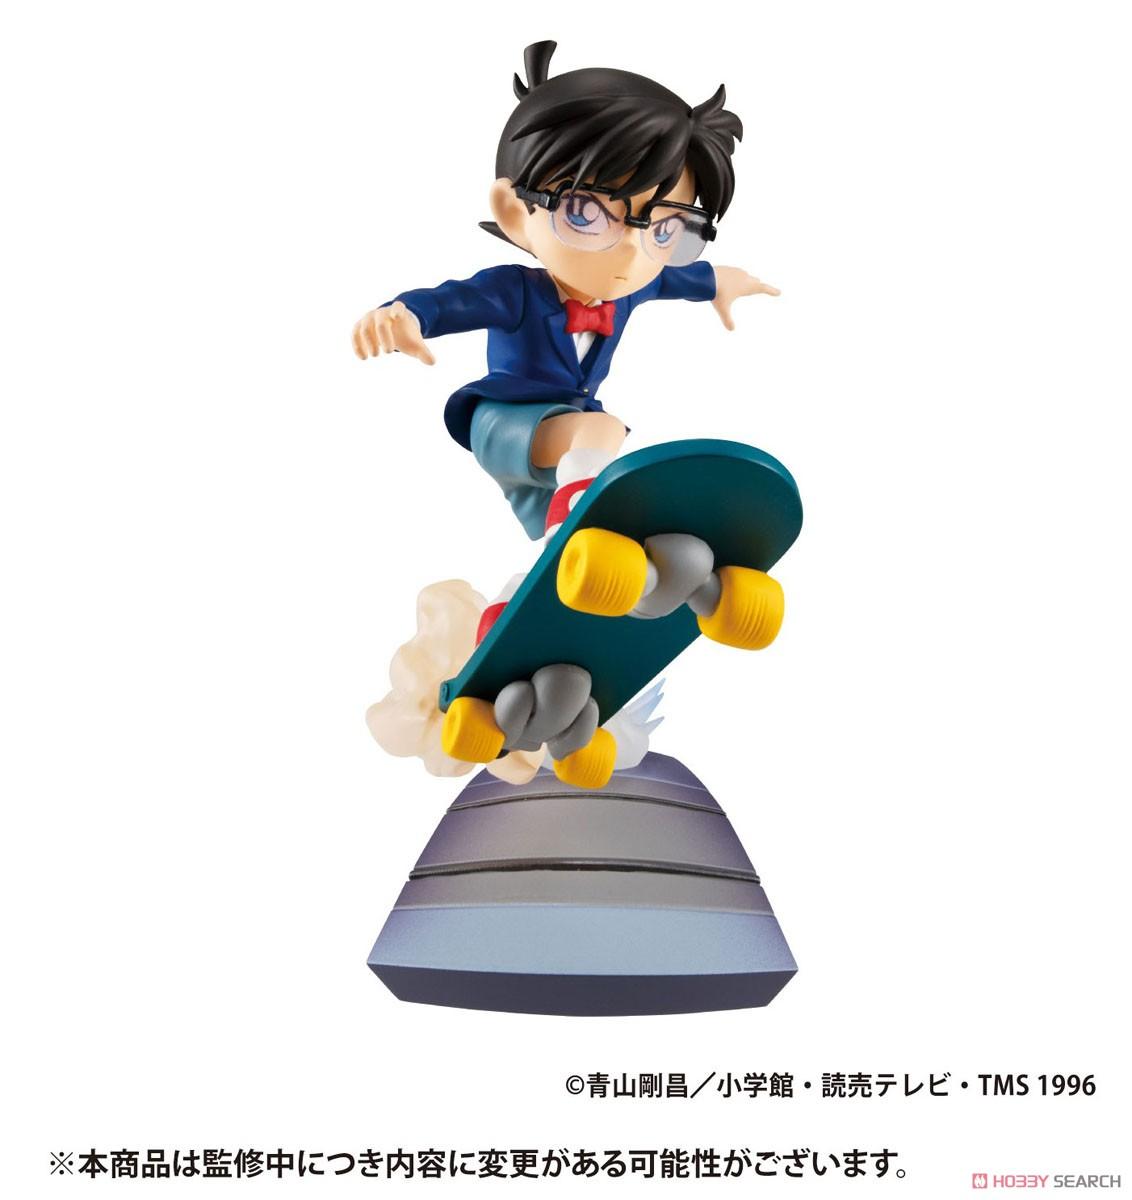 プチラマシリーズ『名探偵コナン SECRET SCENE BOX Vol.1』4個入りBOX-001